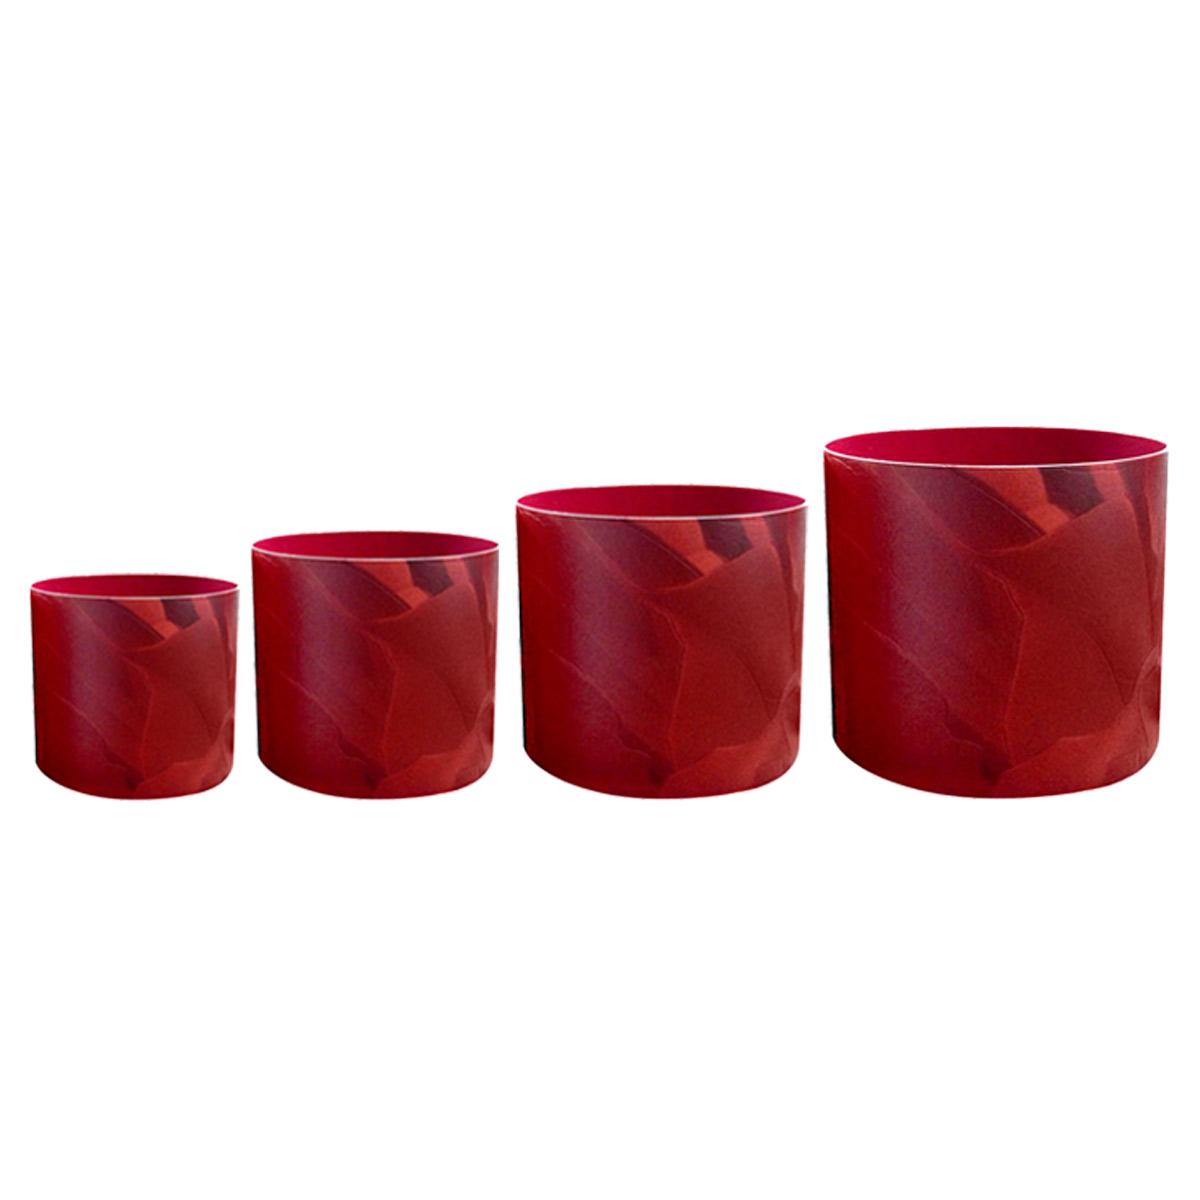 Набор горшков для цветов Miolla «Красная кожа» со скрытым поддоном, 4 предмета Современные сухие корма